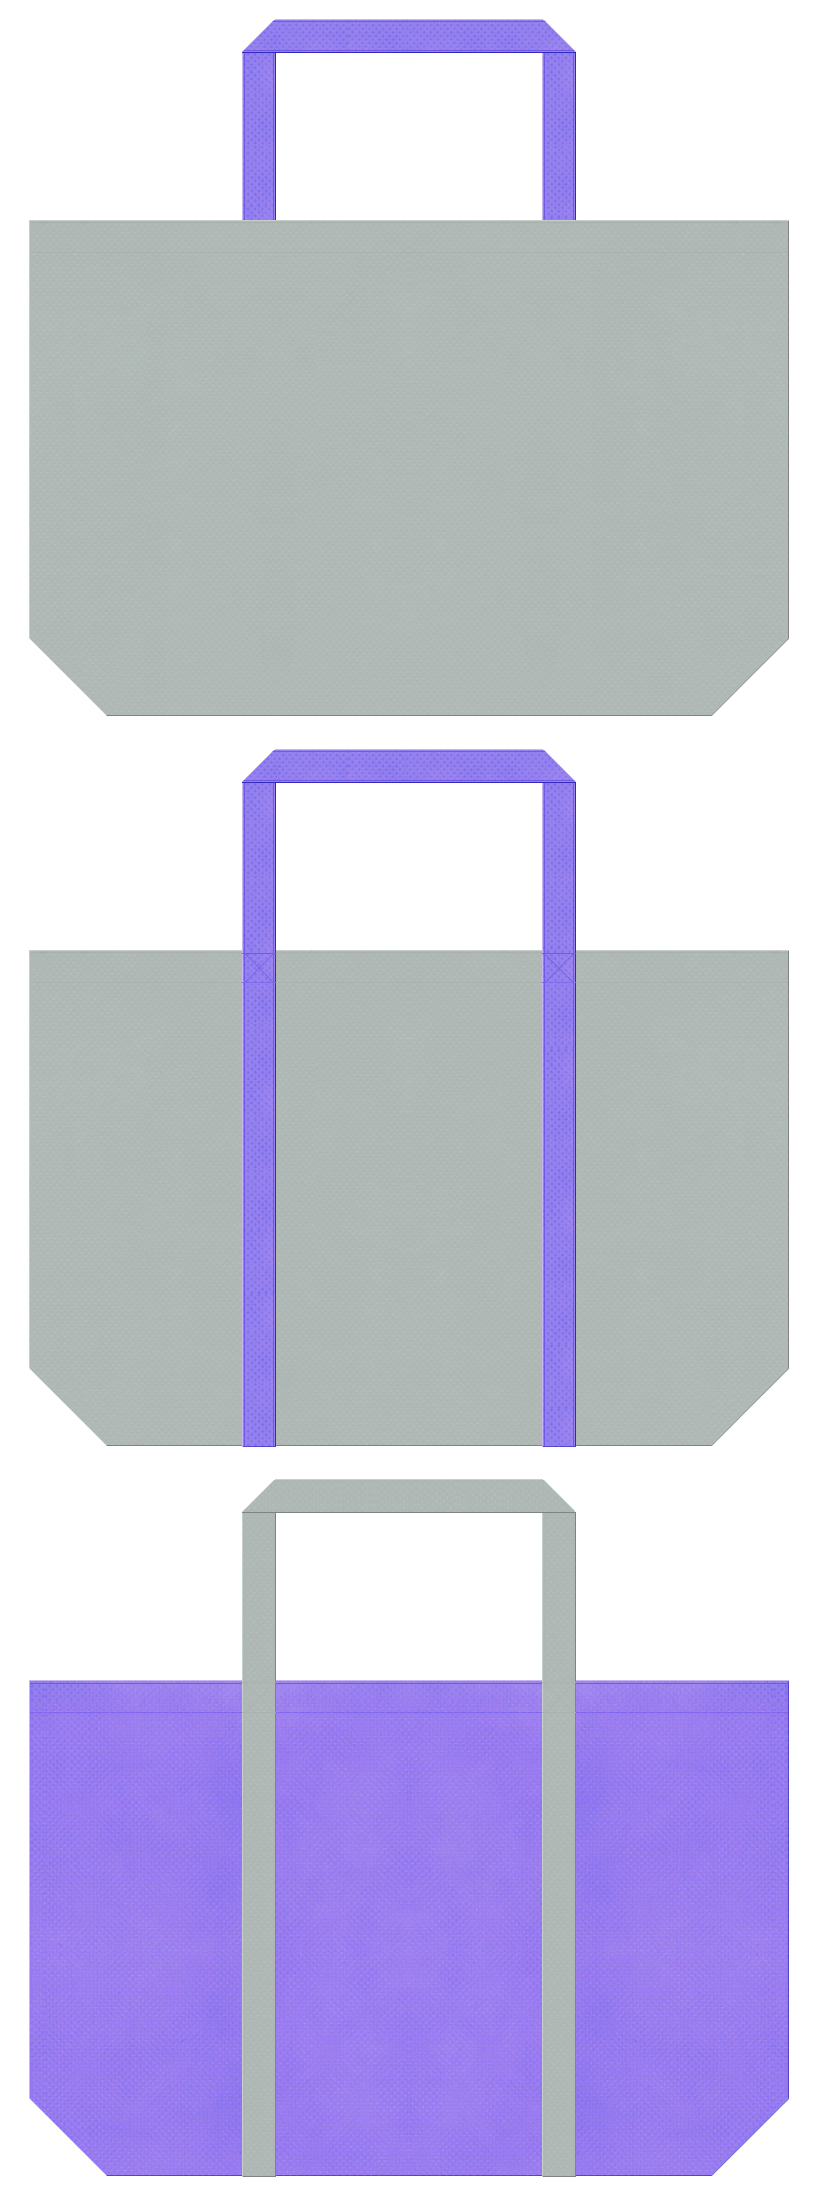 グレー色と薄紫色の不織布エコバッグのデザイン。